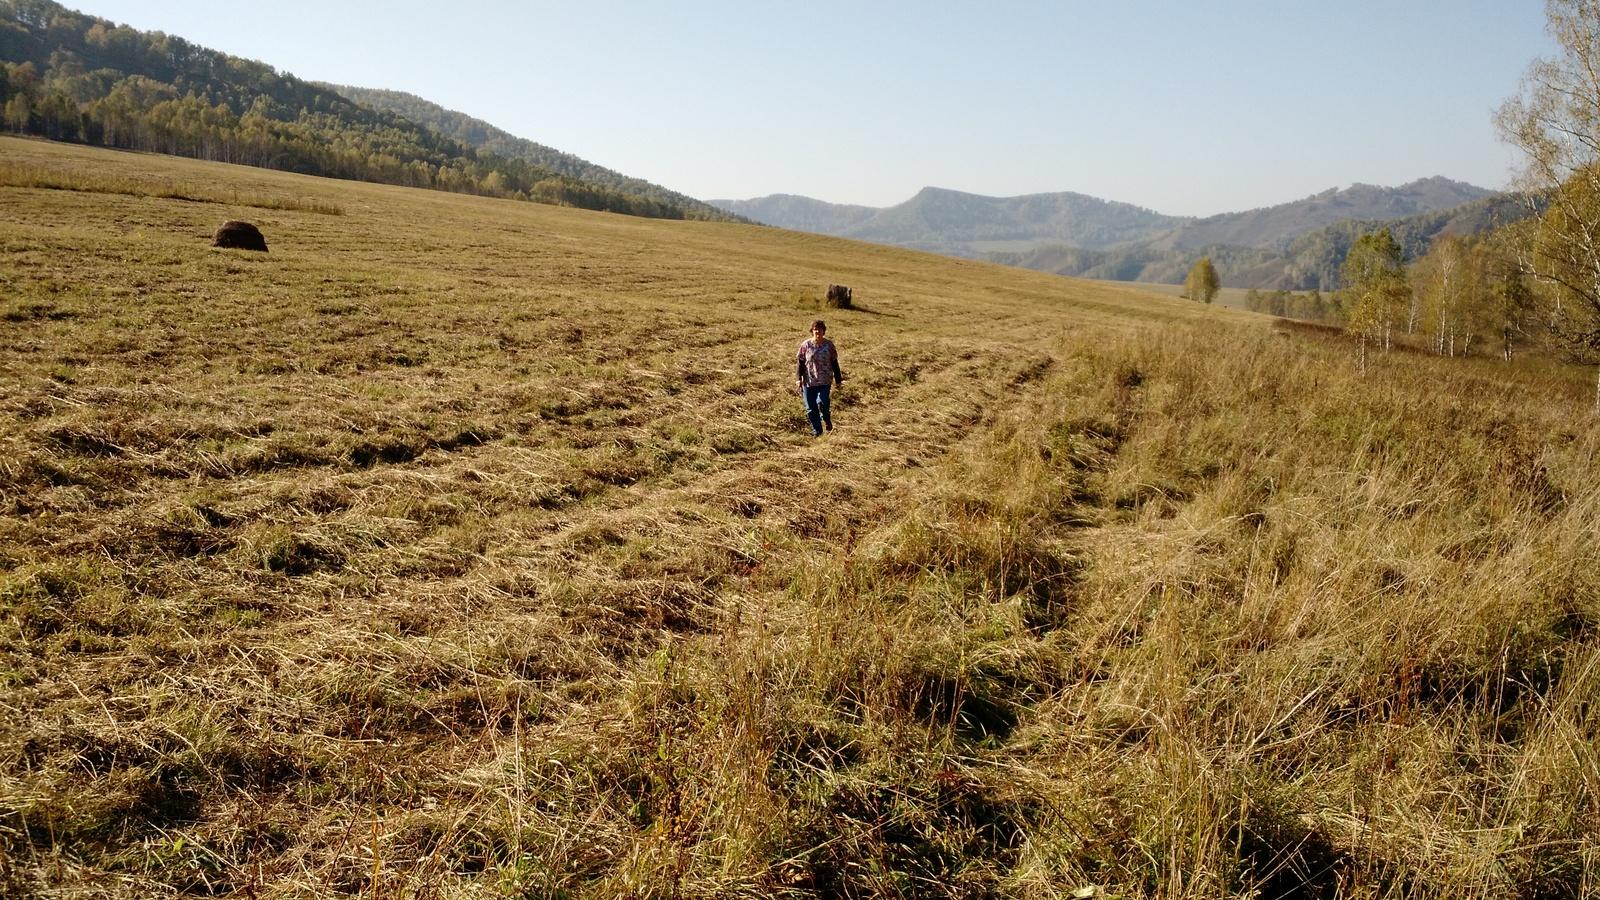 7-joan-in-fields-near-stream